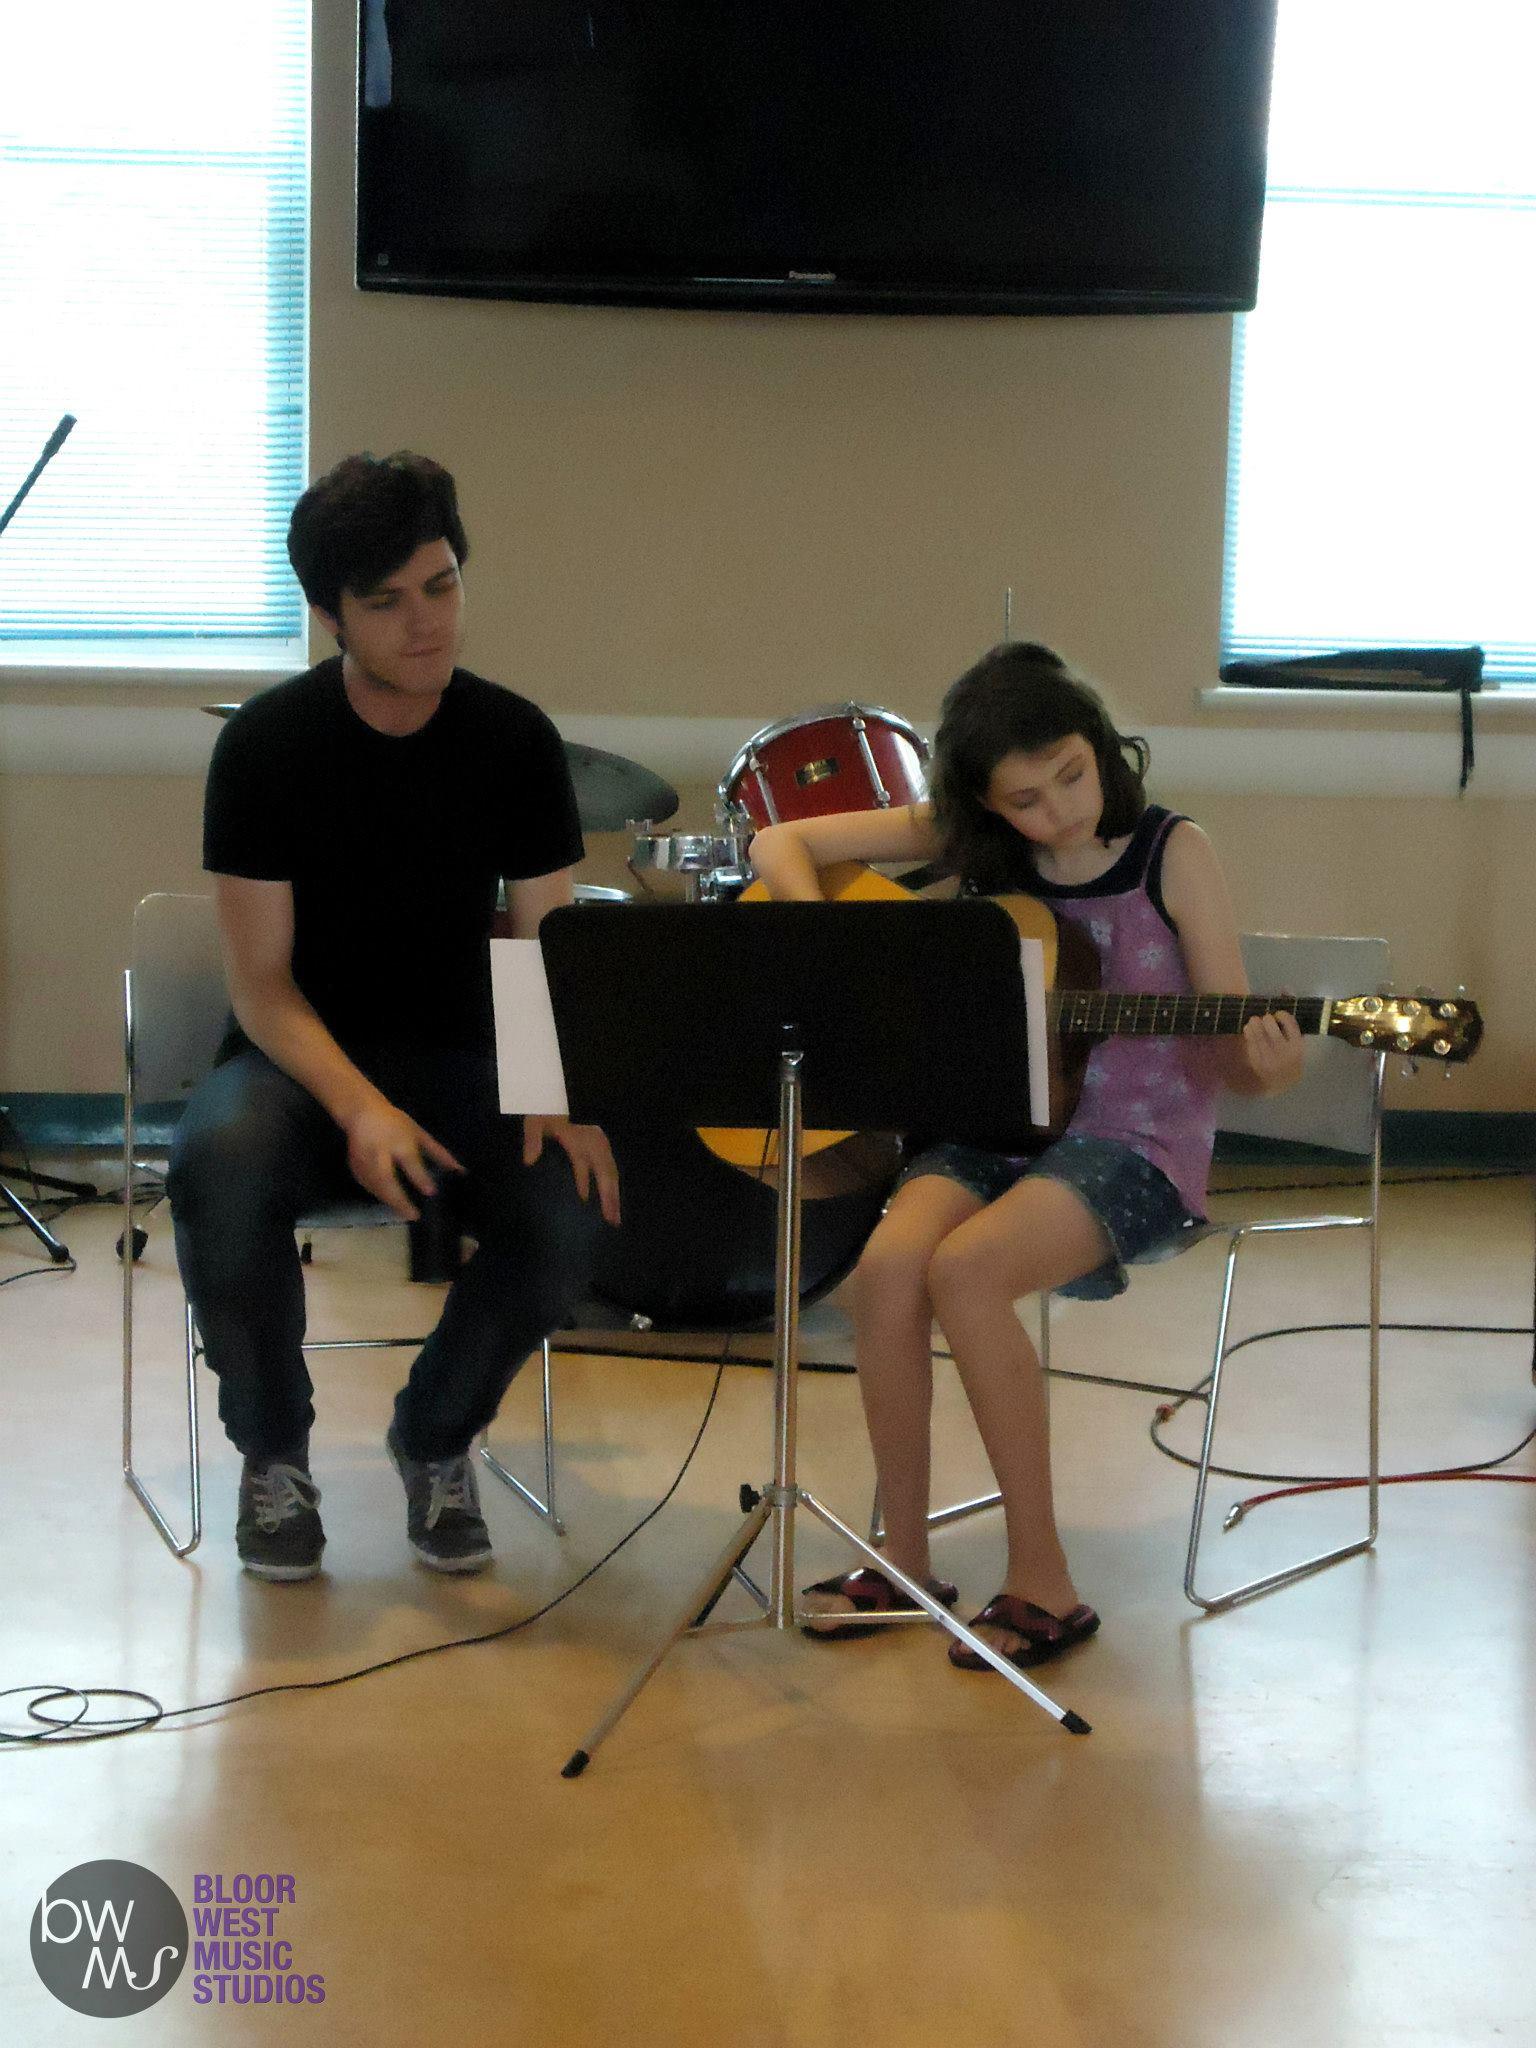 Girl Playing Guitar at Recital